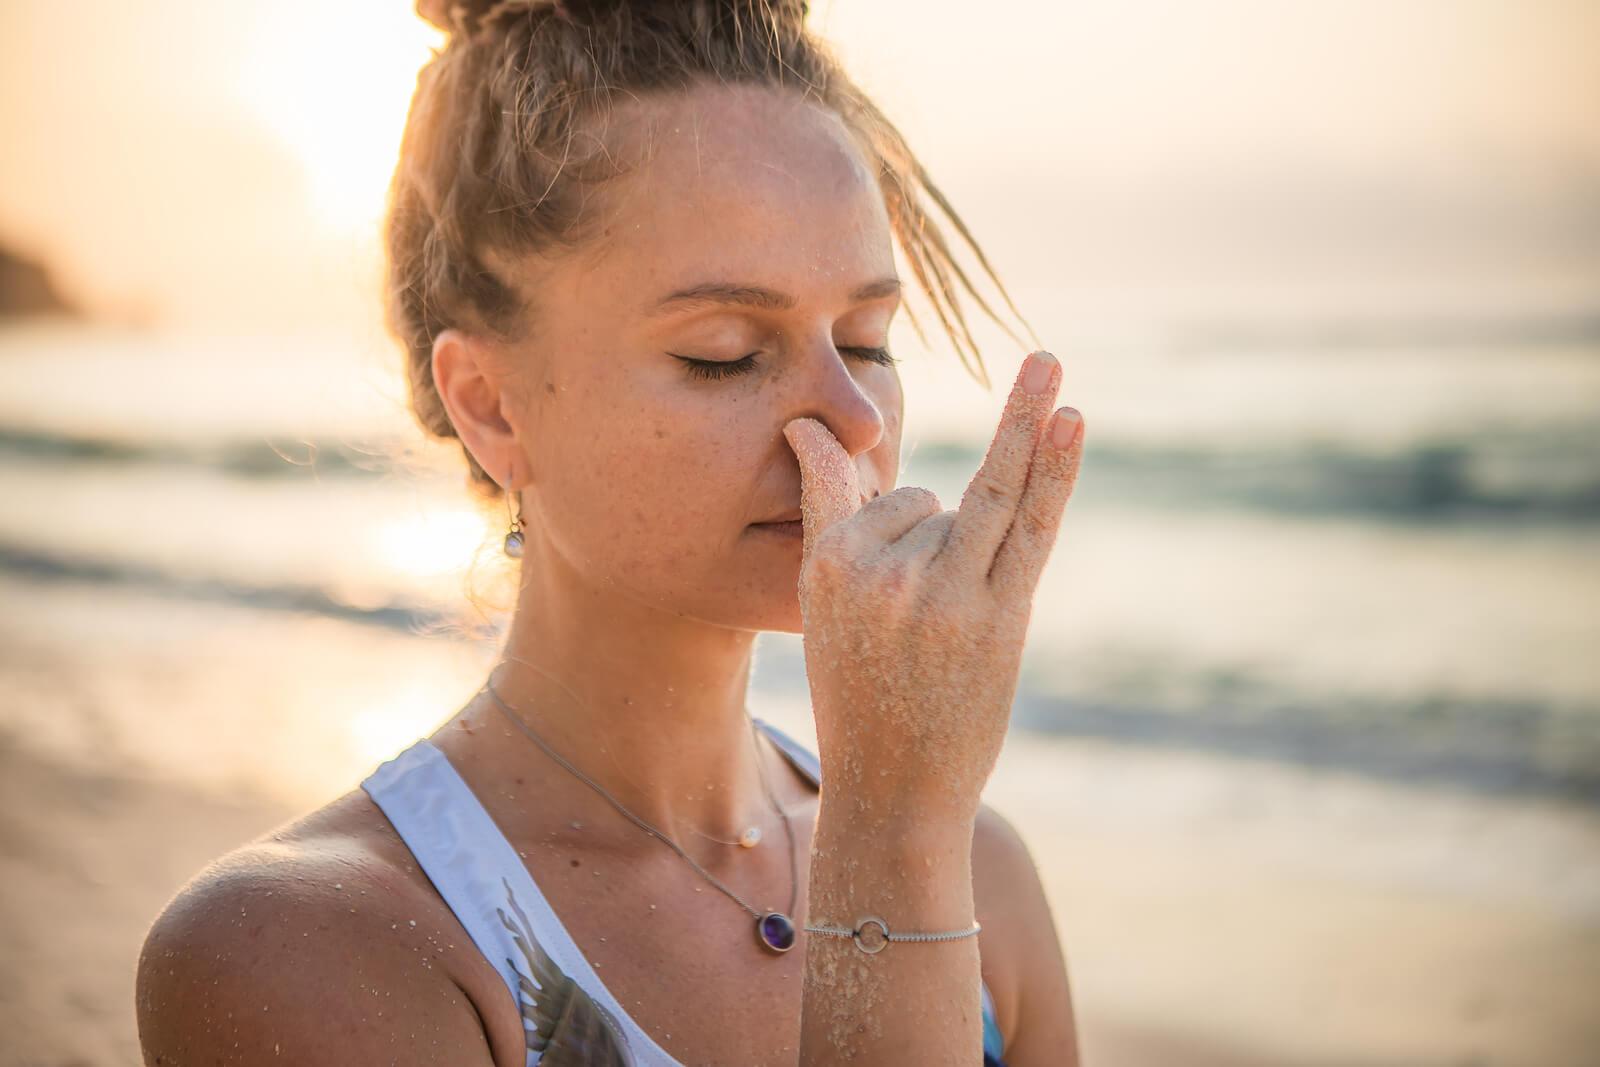 Descubre estas 4 técnicas de respiración para combatir el estrés. ¡Muy efectivas!